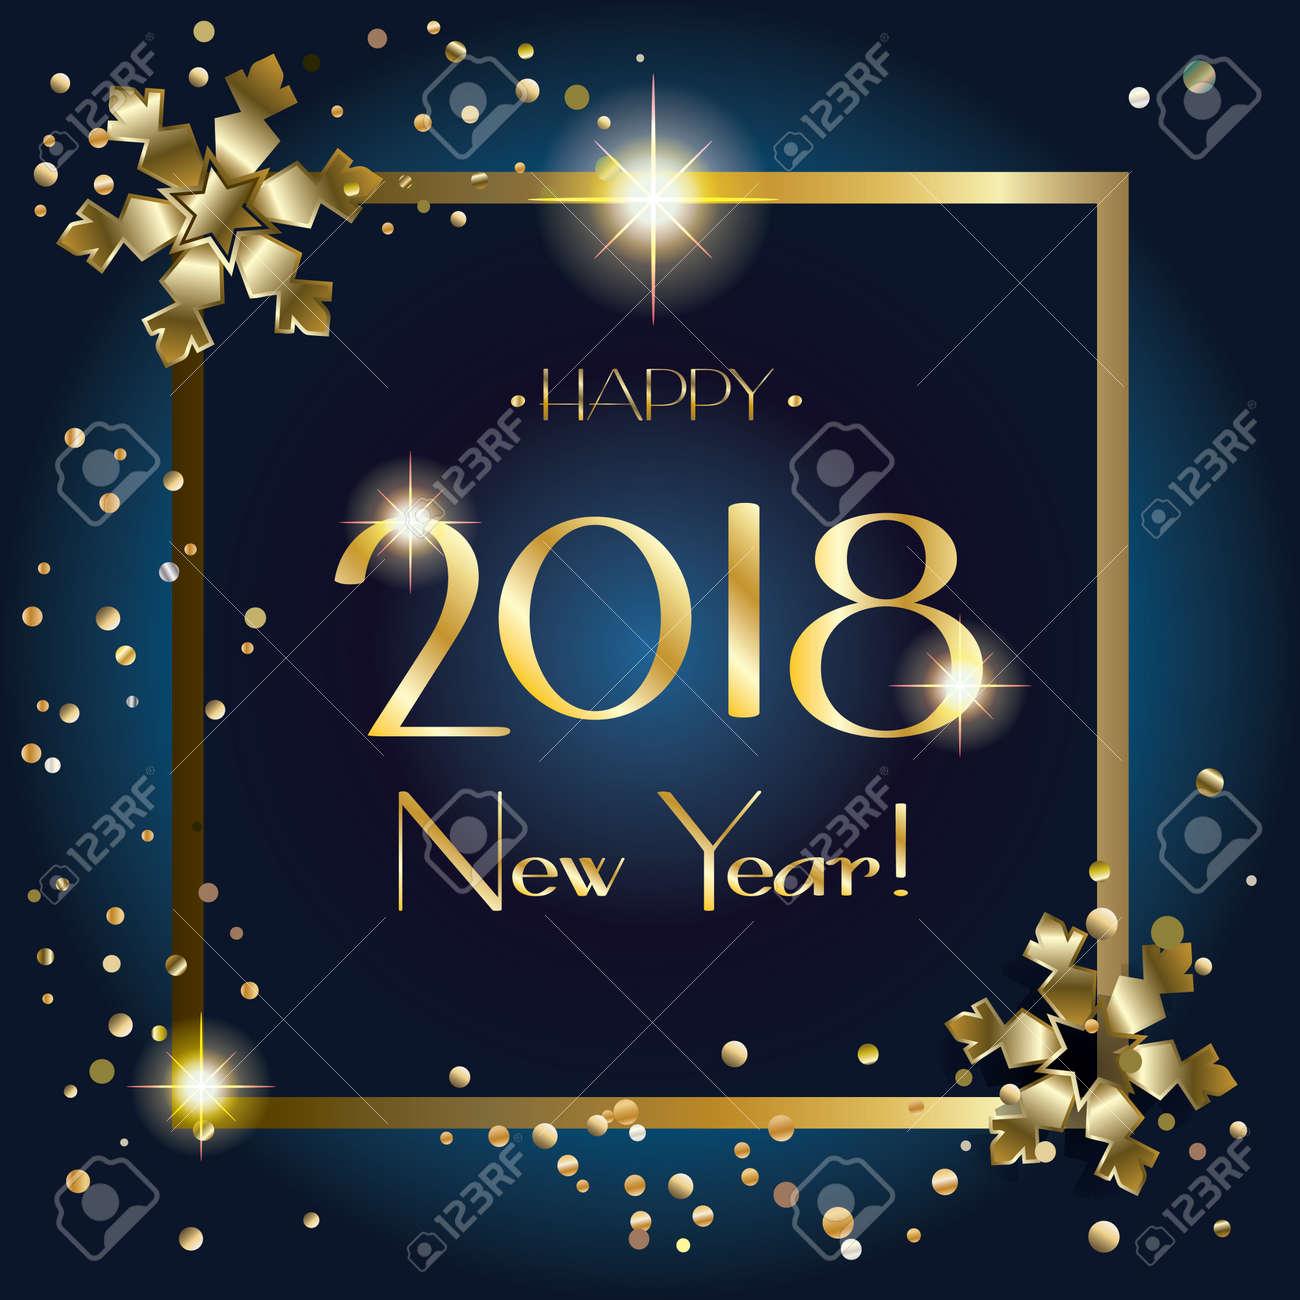 2018 Elegante Frohes Neues Jahr-Grußkarte Mit Goldenen Schneeflocken ...